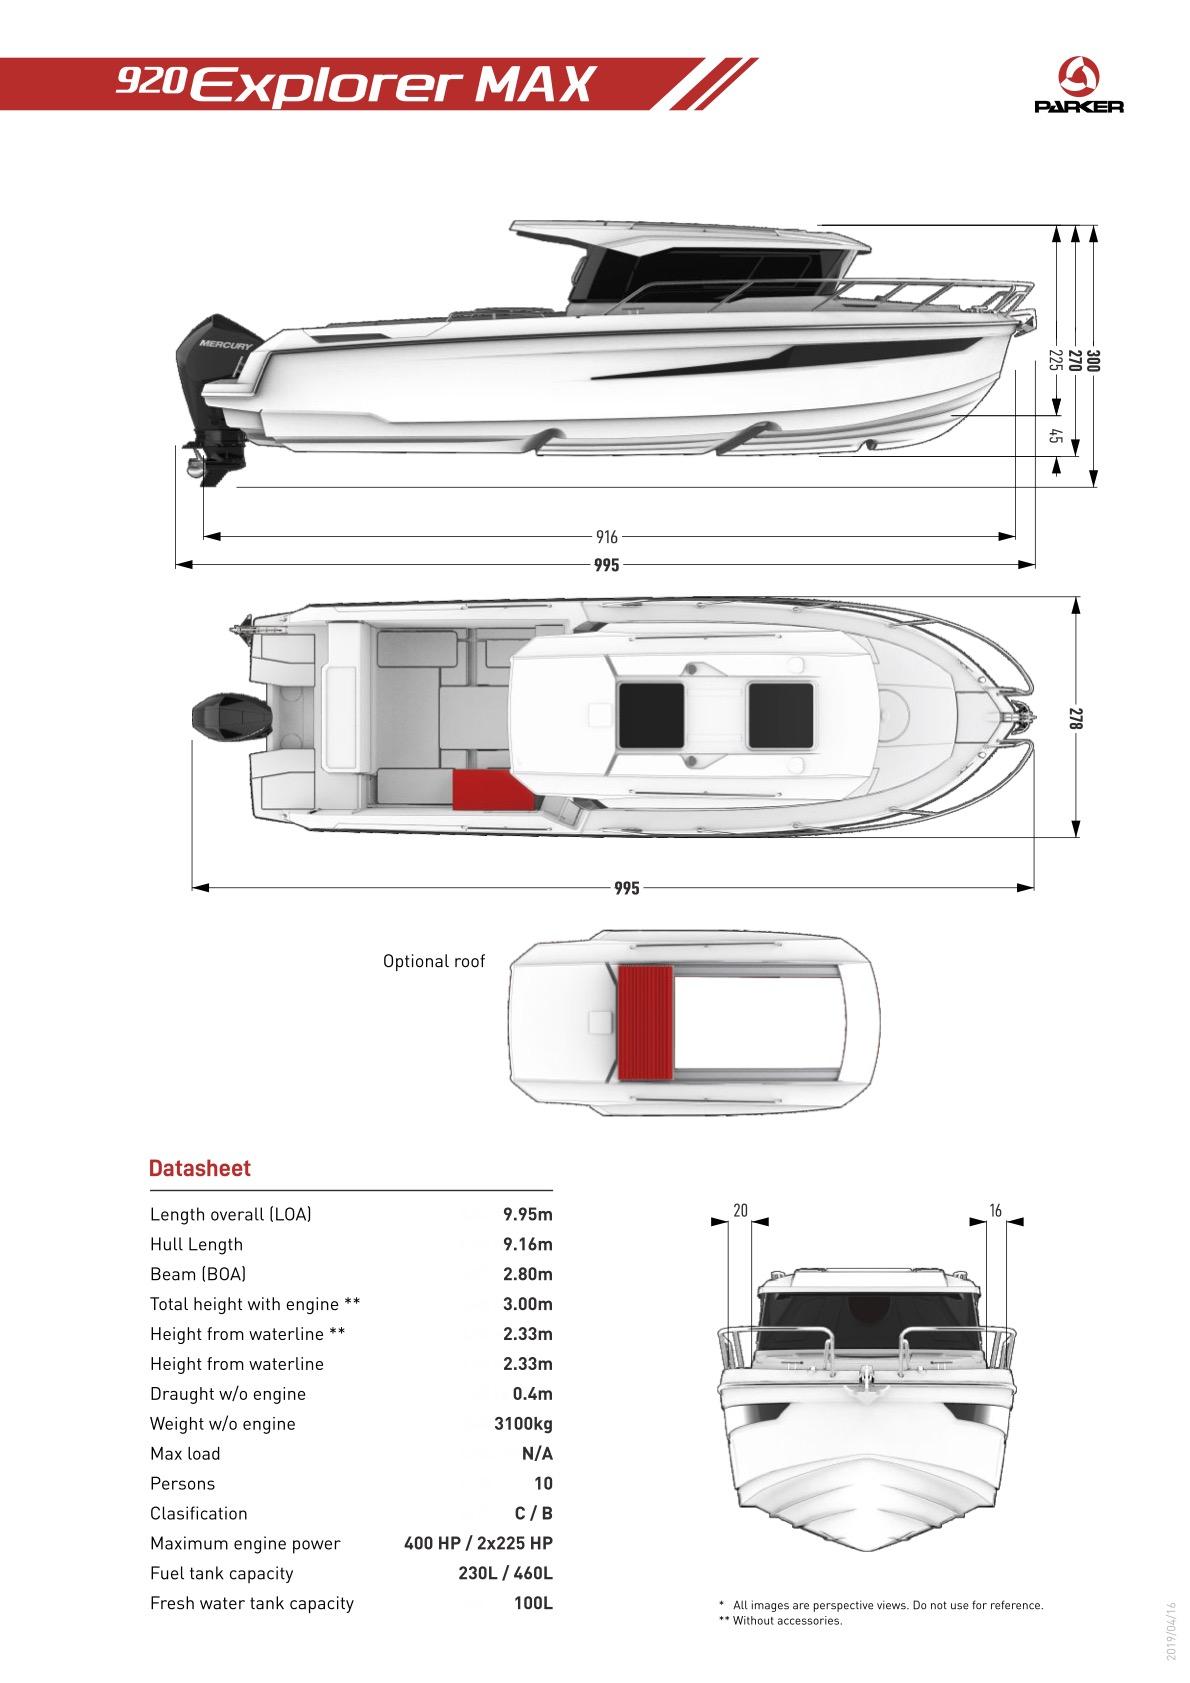 Parker 920 Explorer Max plan de pont exterieur